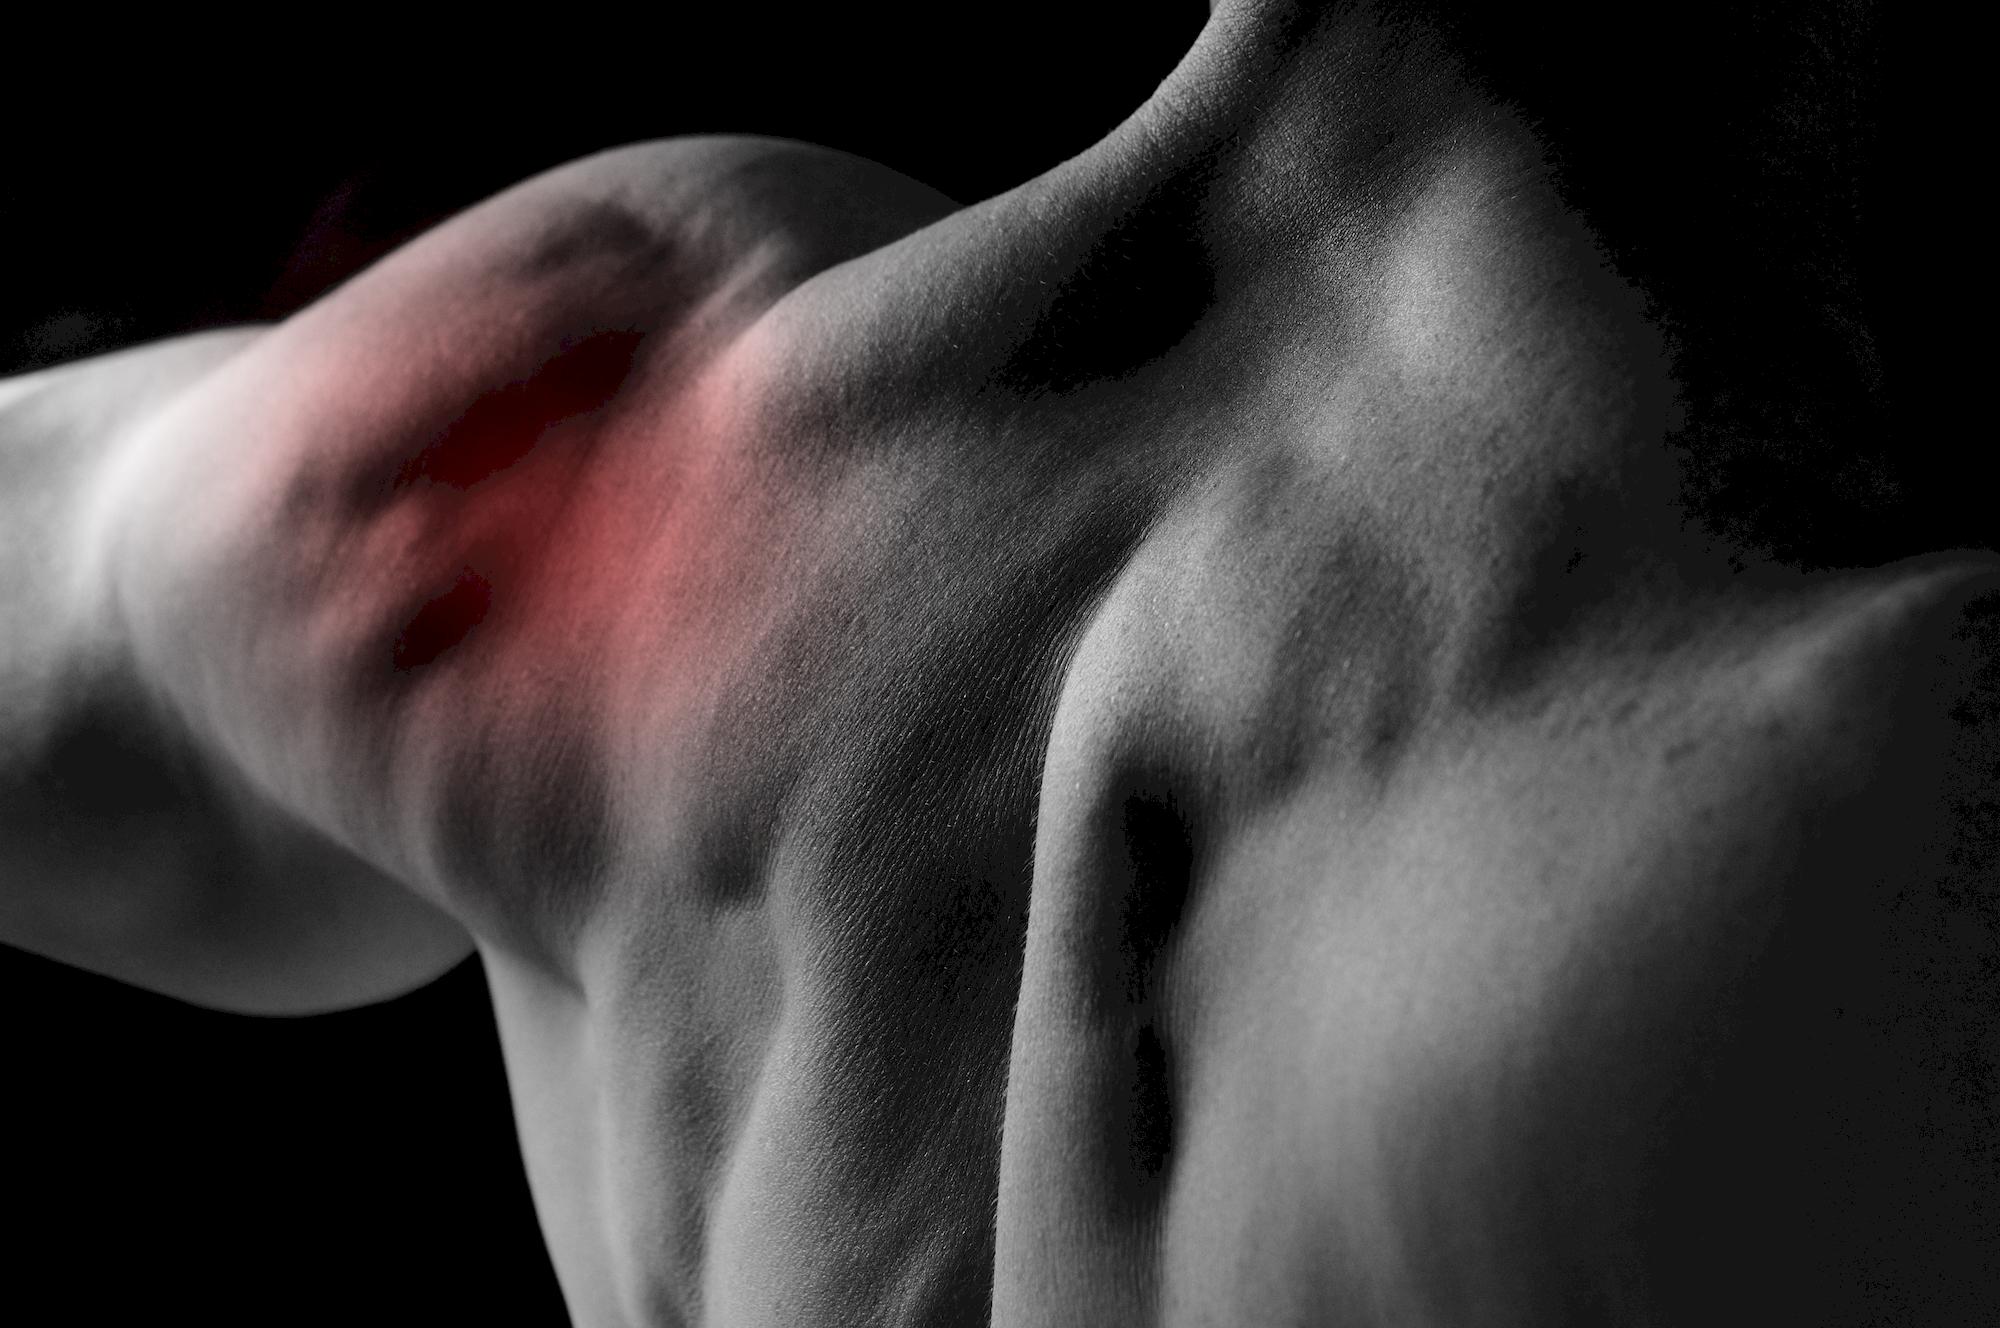 Dolori muscolari e articolari - Over Health - Integratori..